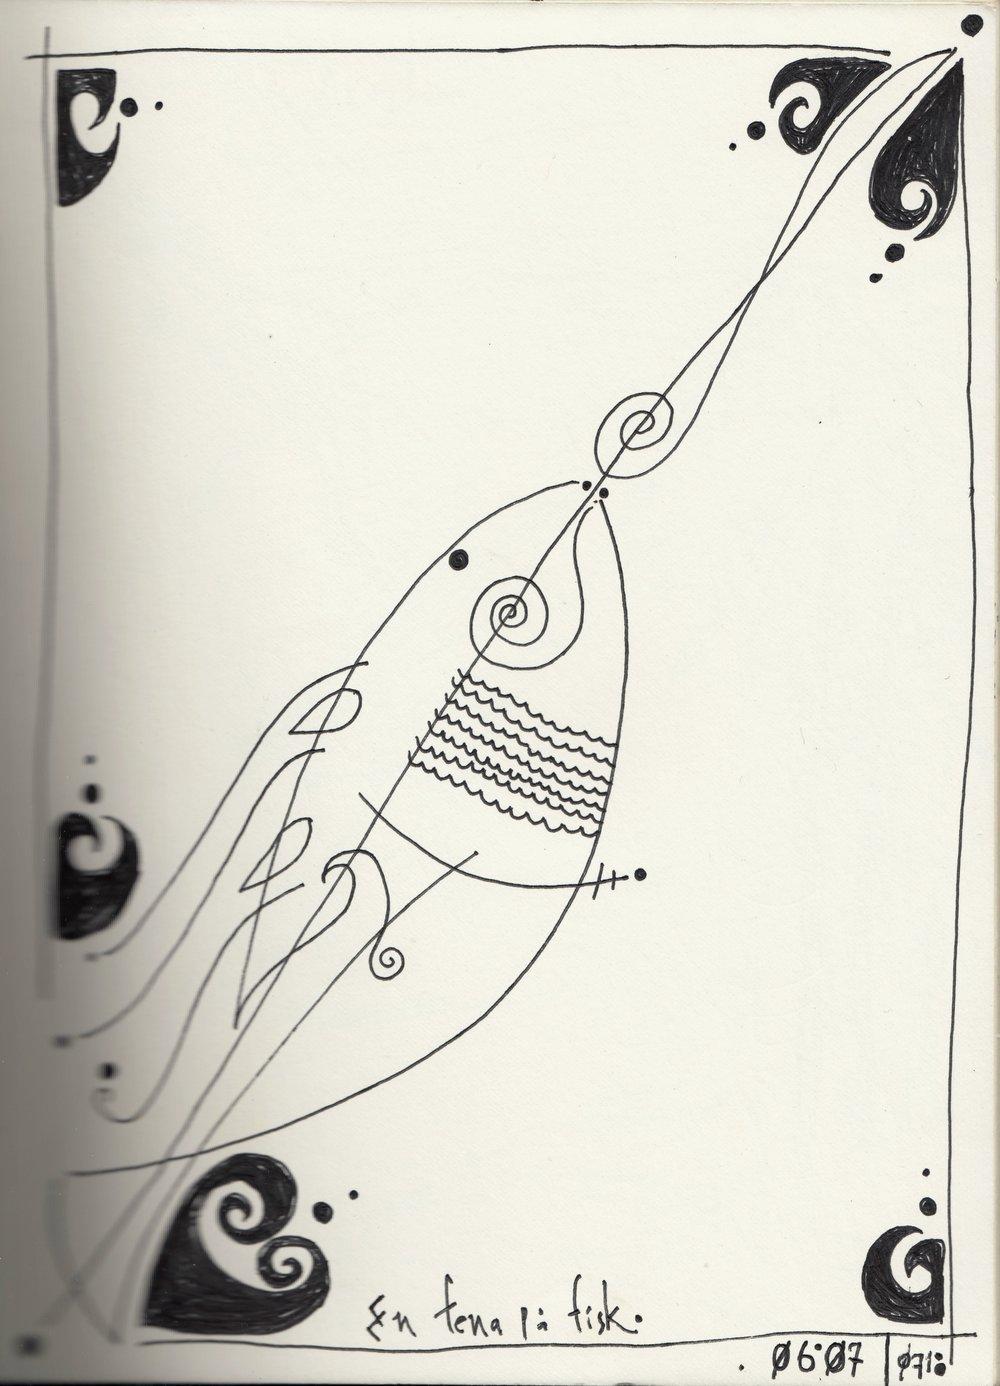 En fena på fisk.